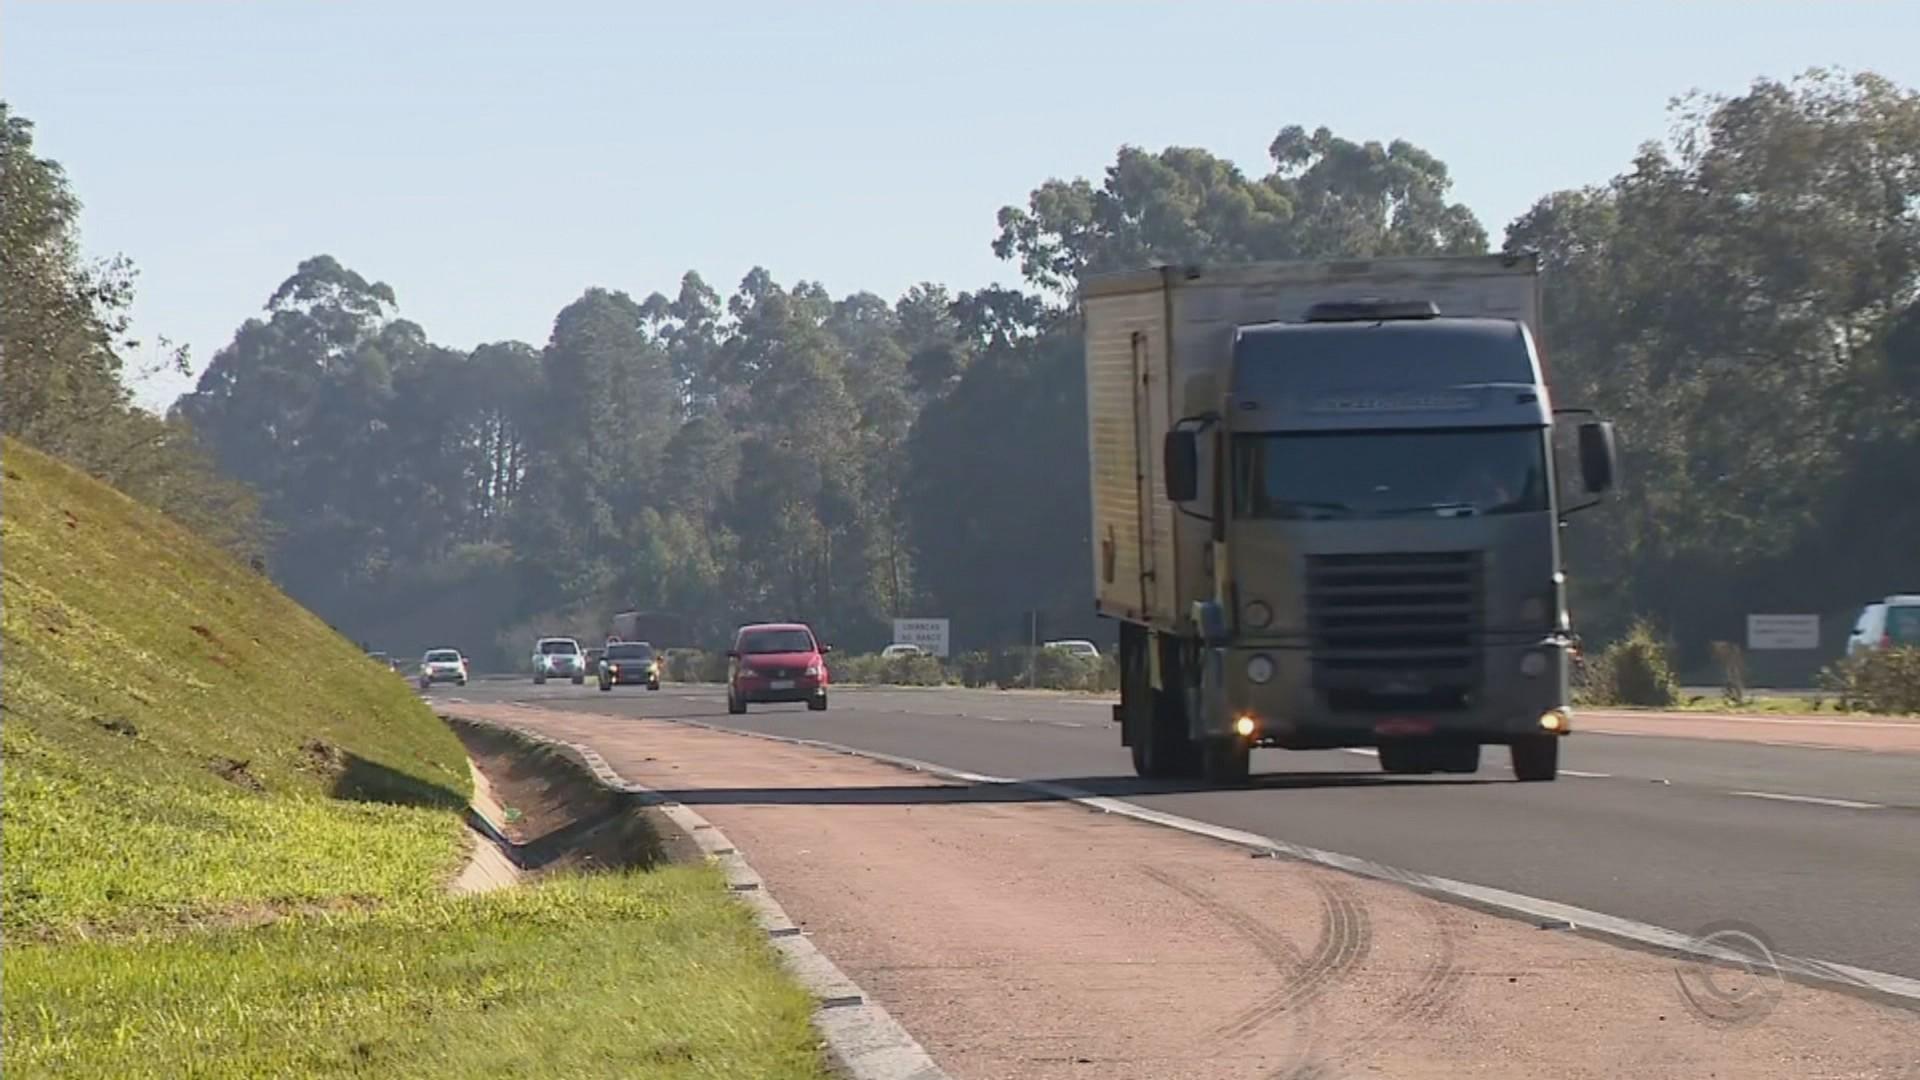 Rodovias federais do RS têm alta de 57% no número de acidentes com mortes no 1º semestre